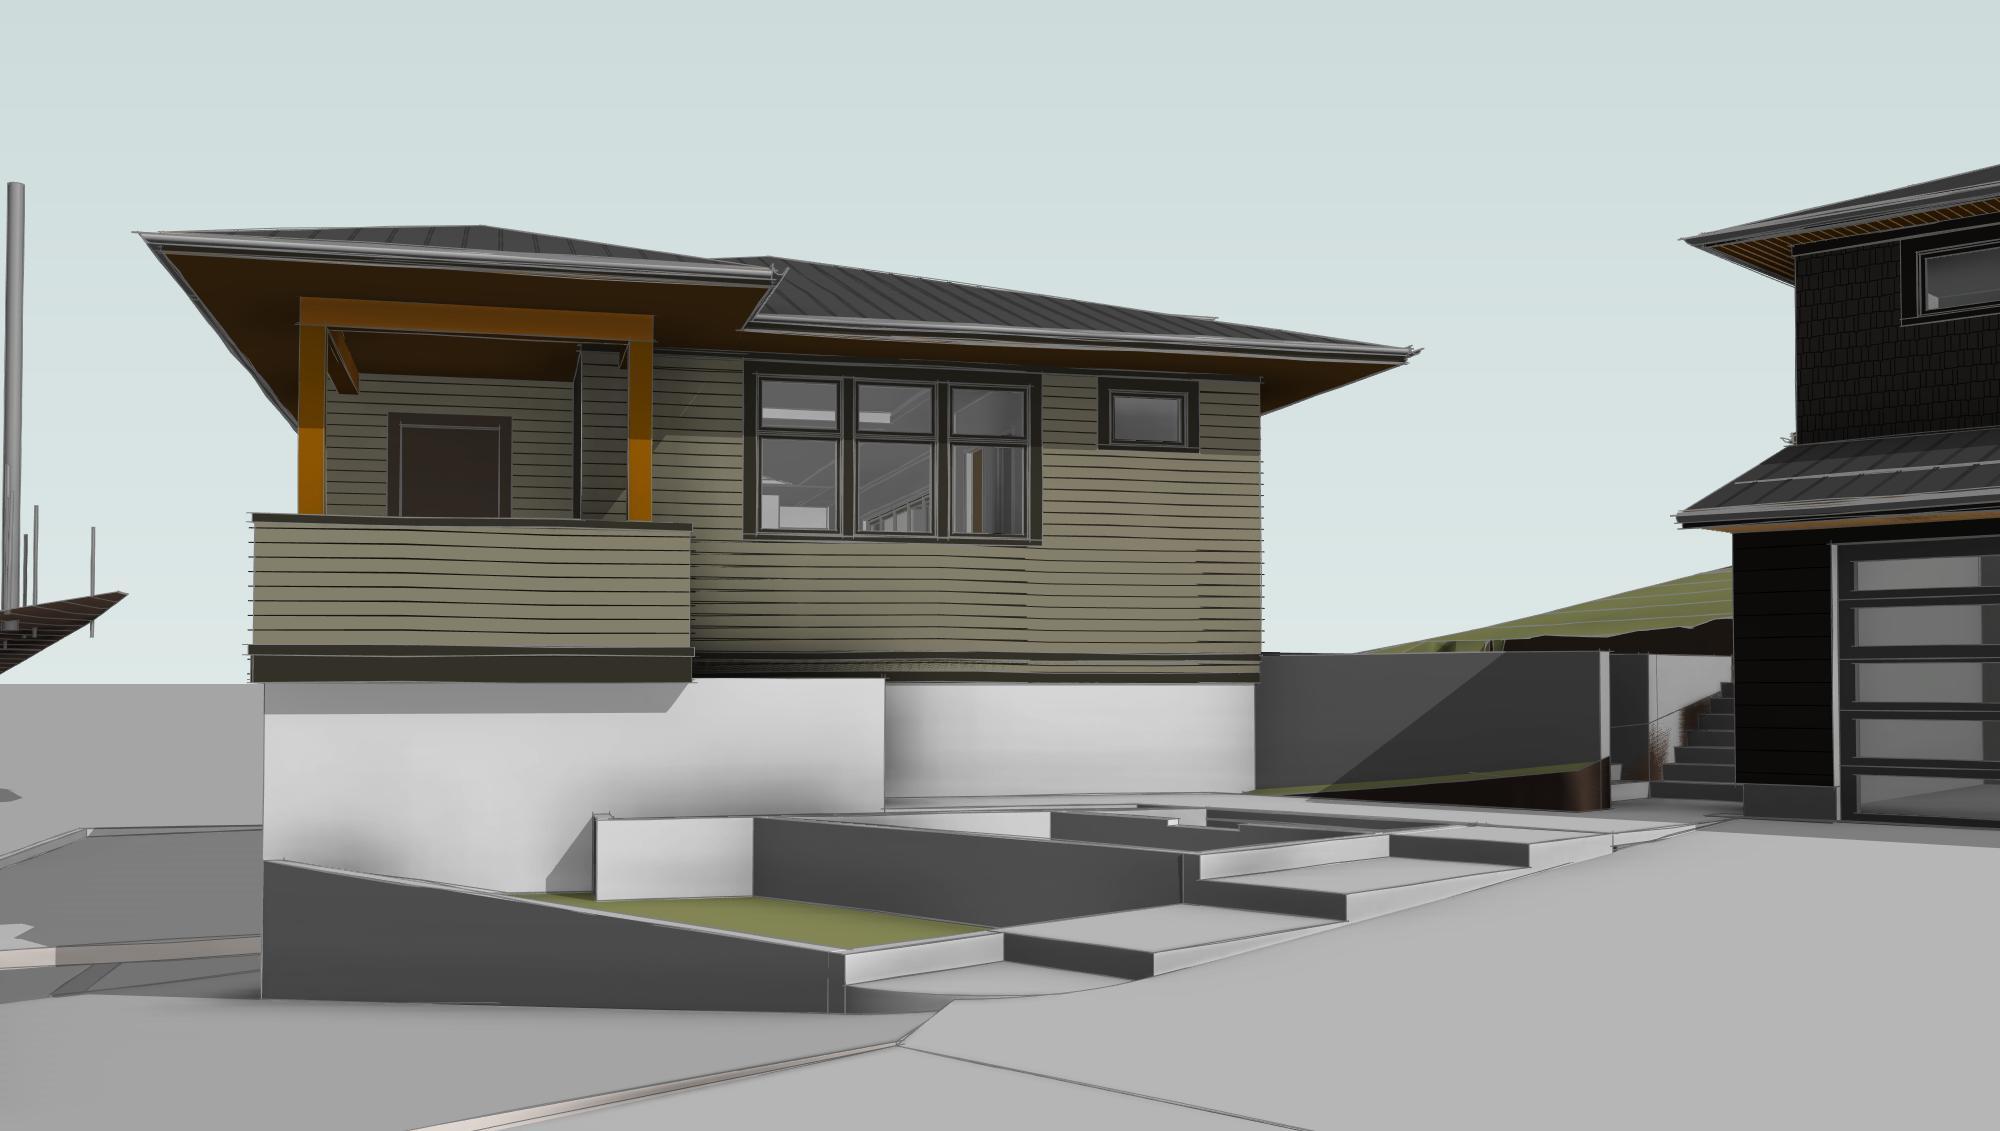 Northgate_rendering 3.jpg